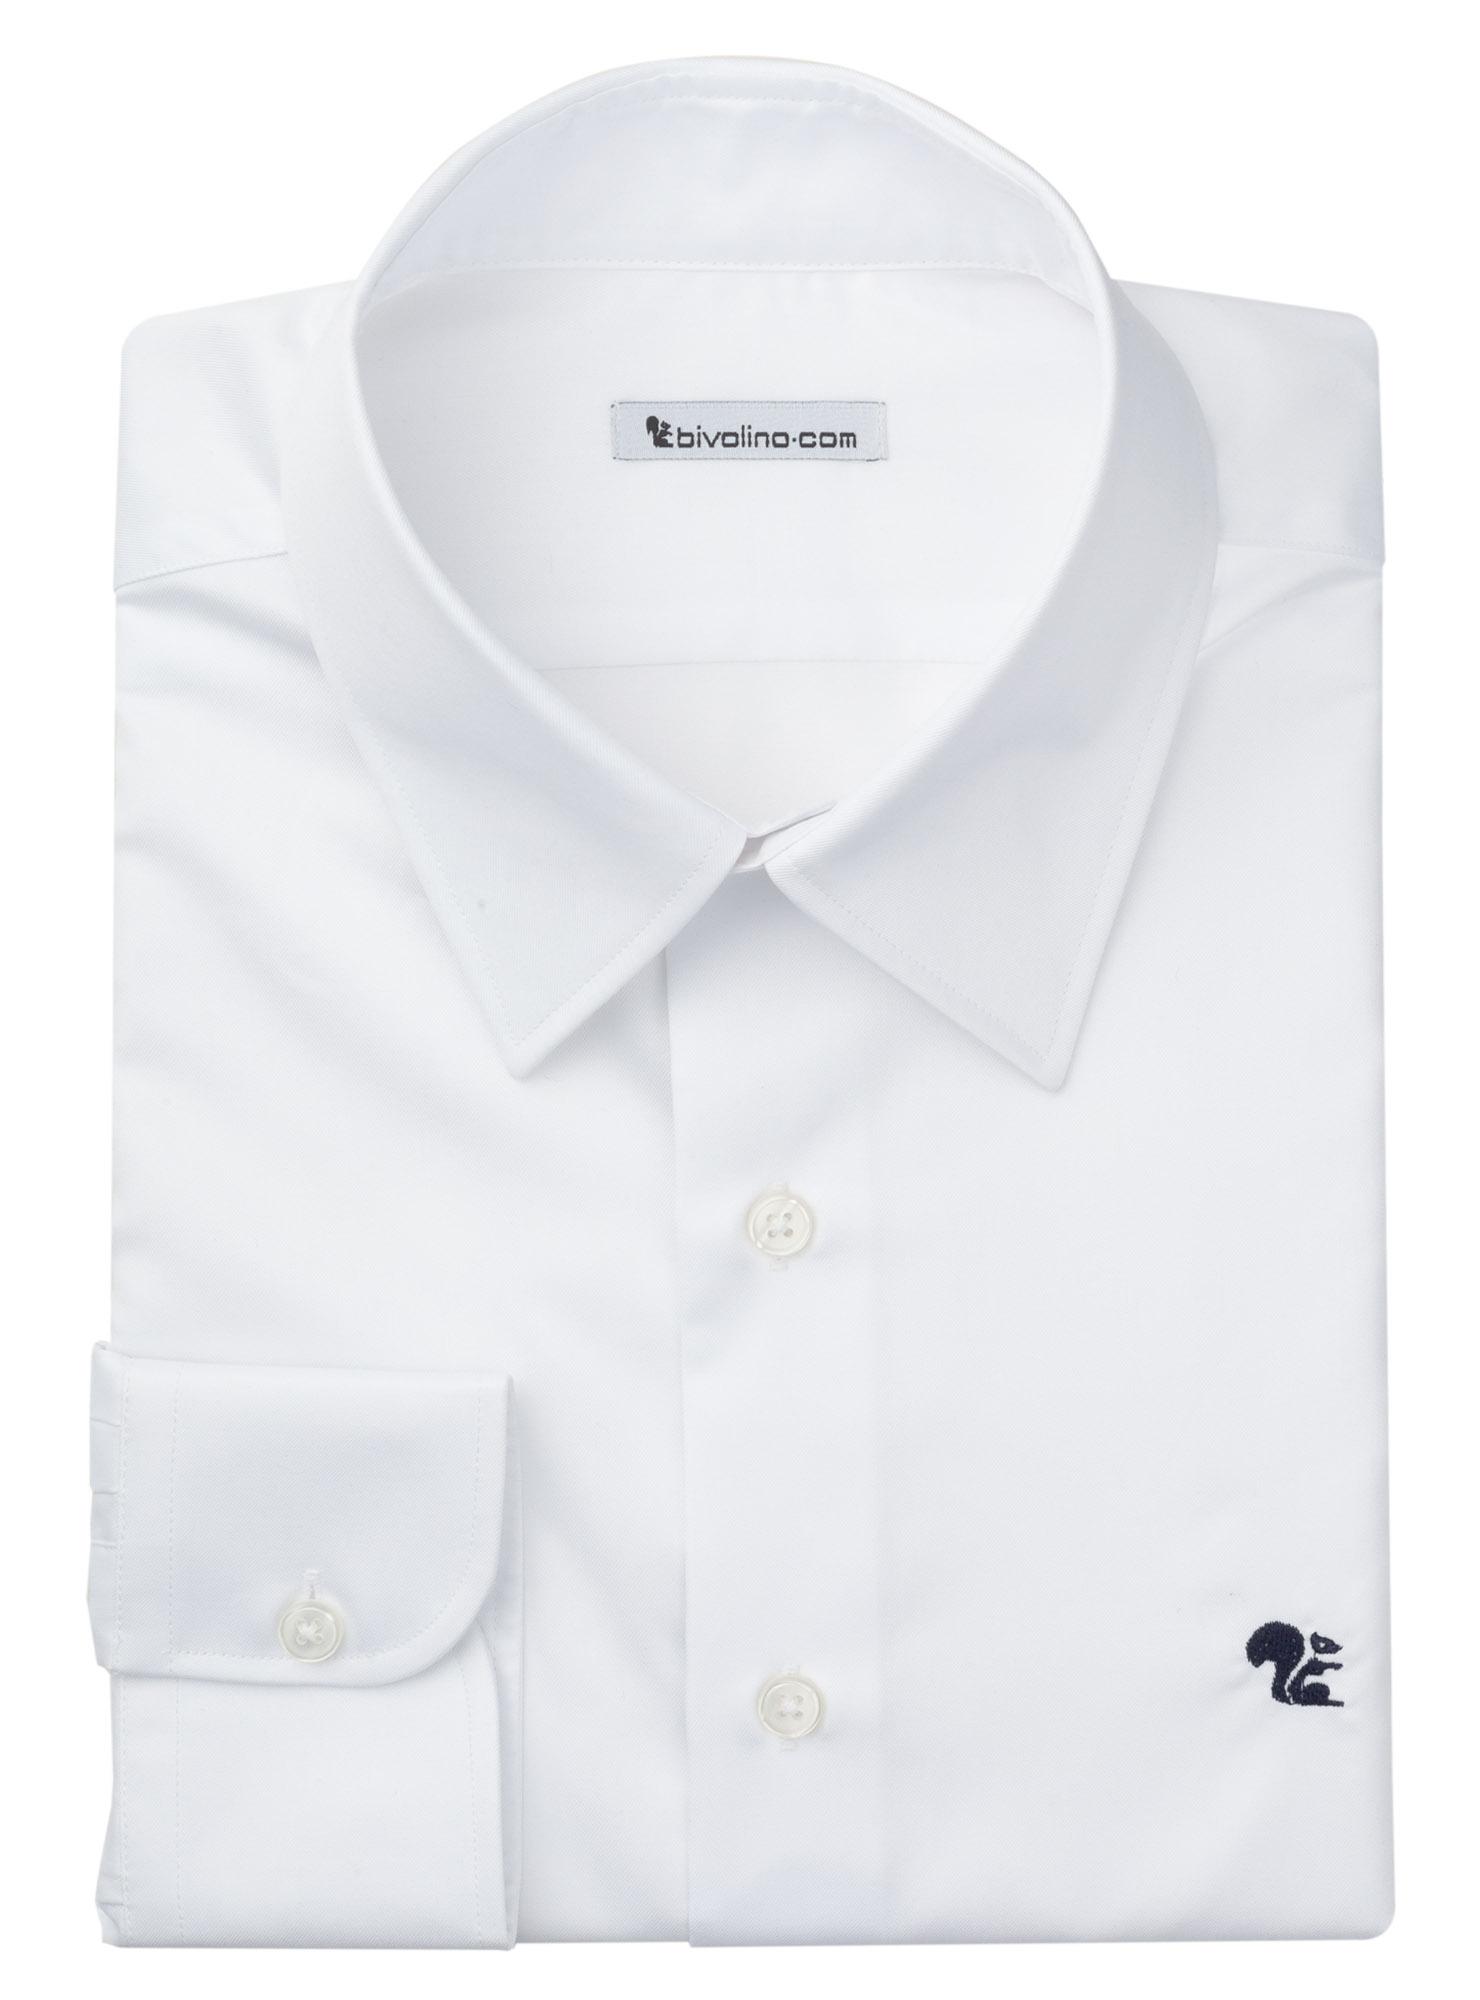 AVIGLIANO - chemise homme Twill fin Blanc - SANTI 1